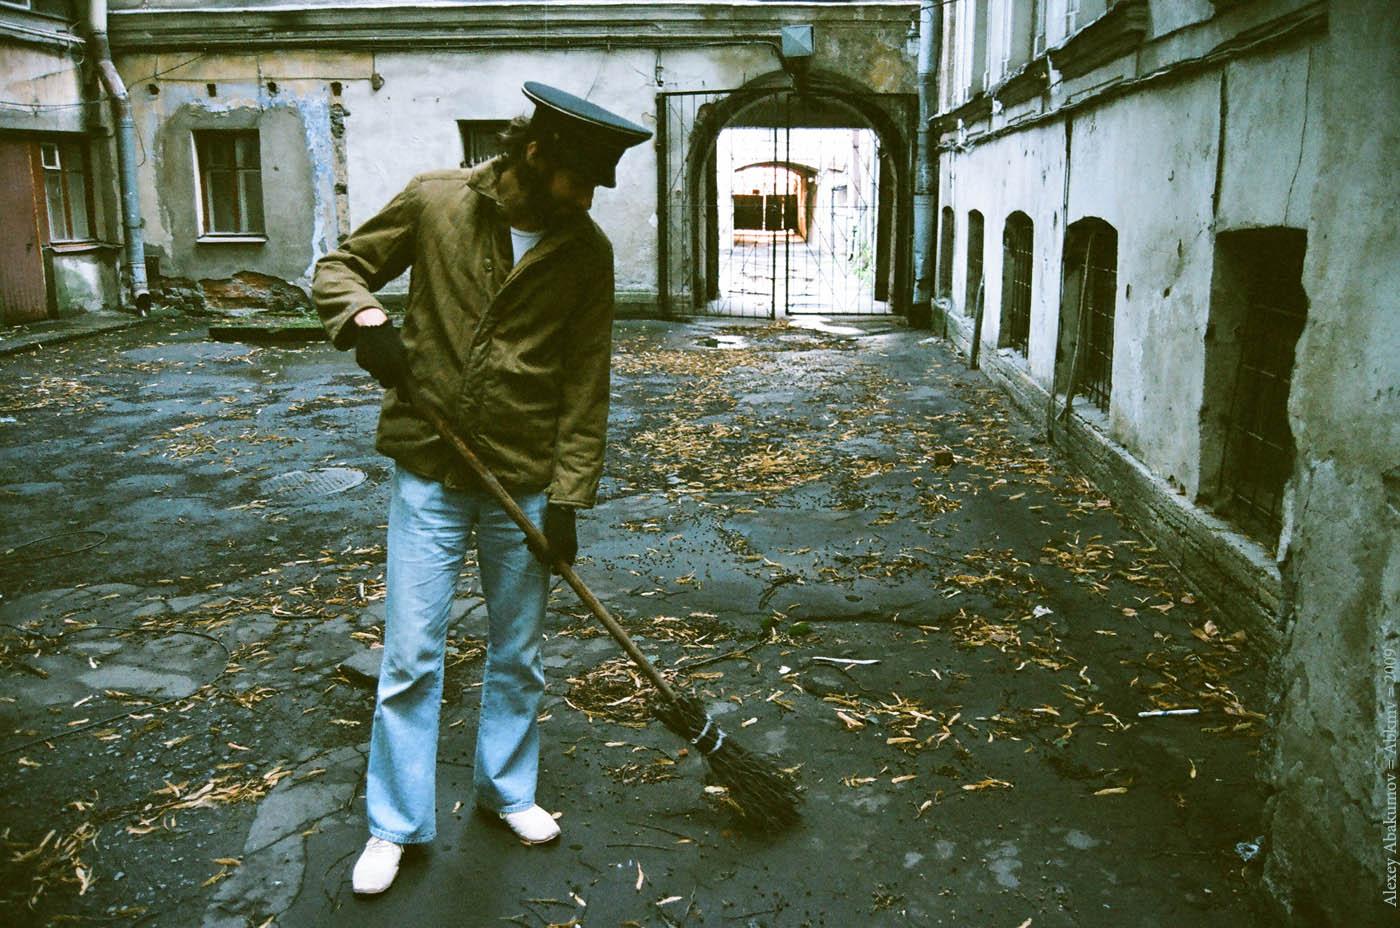 Поколение дворников и сторожей. На снимке Алексей Жуков. Санкт-Петербург, 2009 год